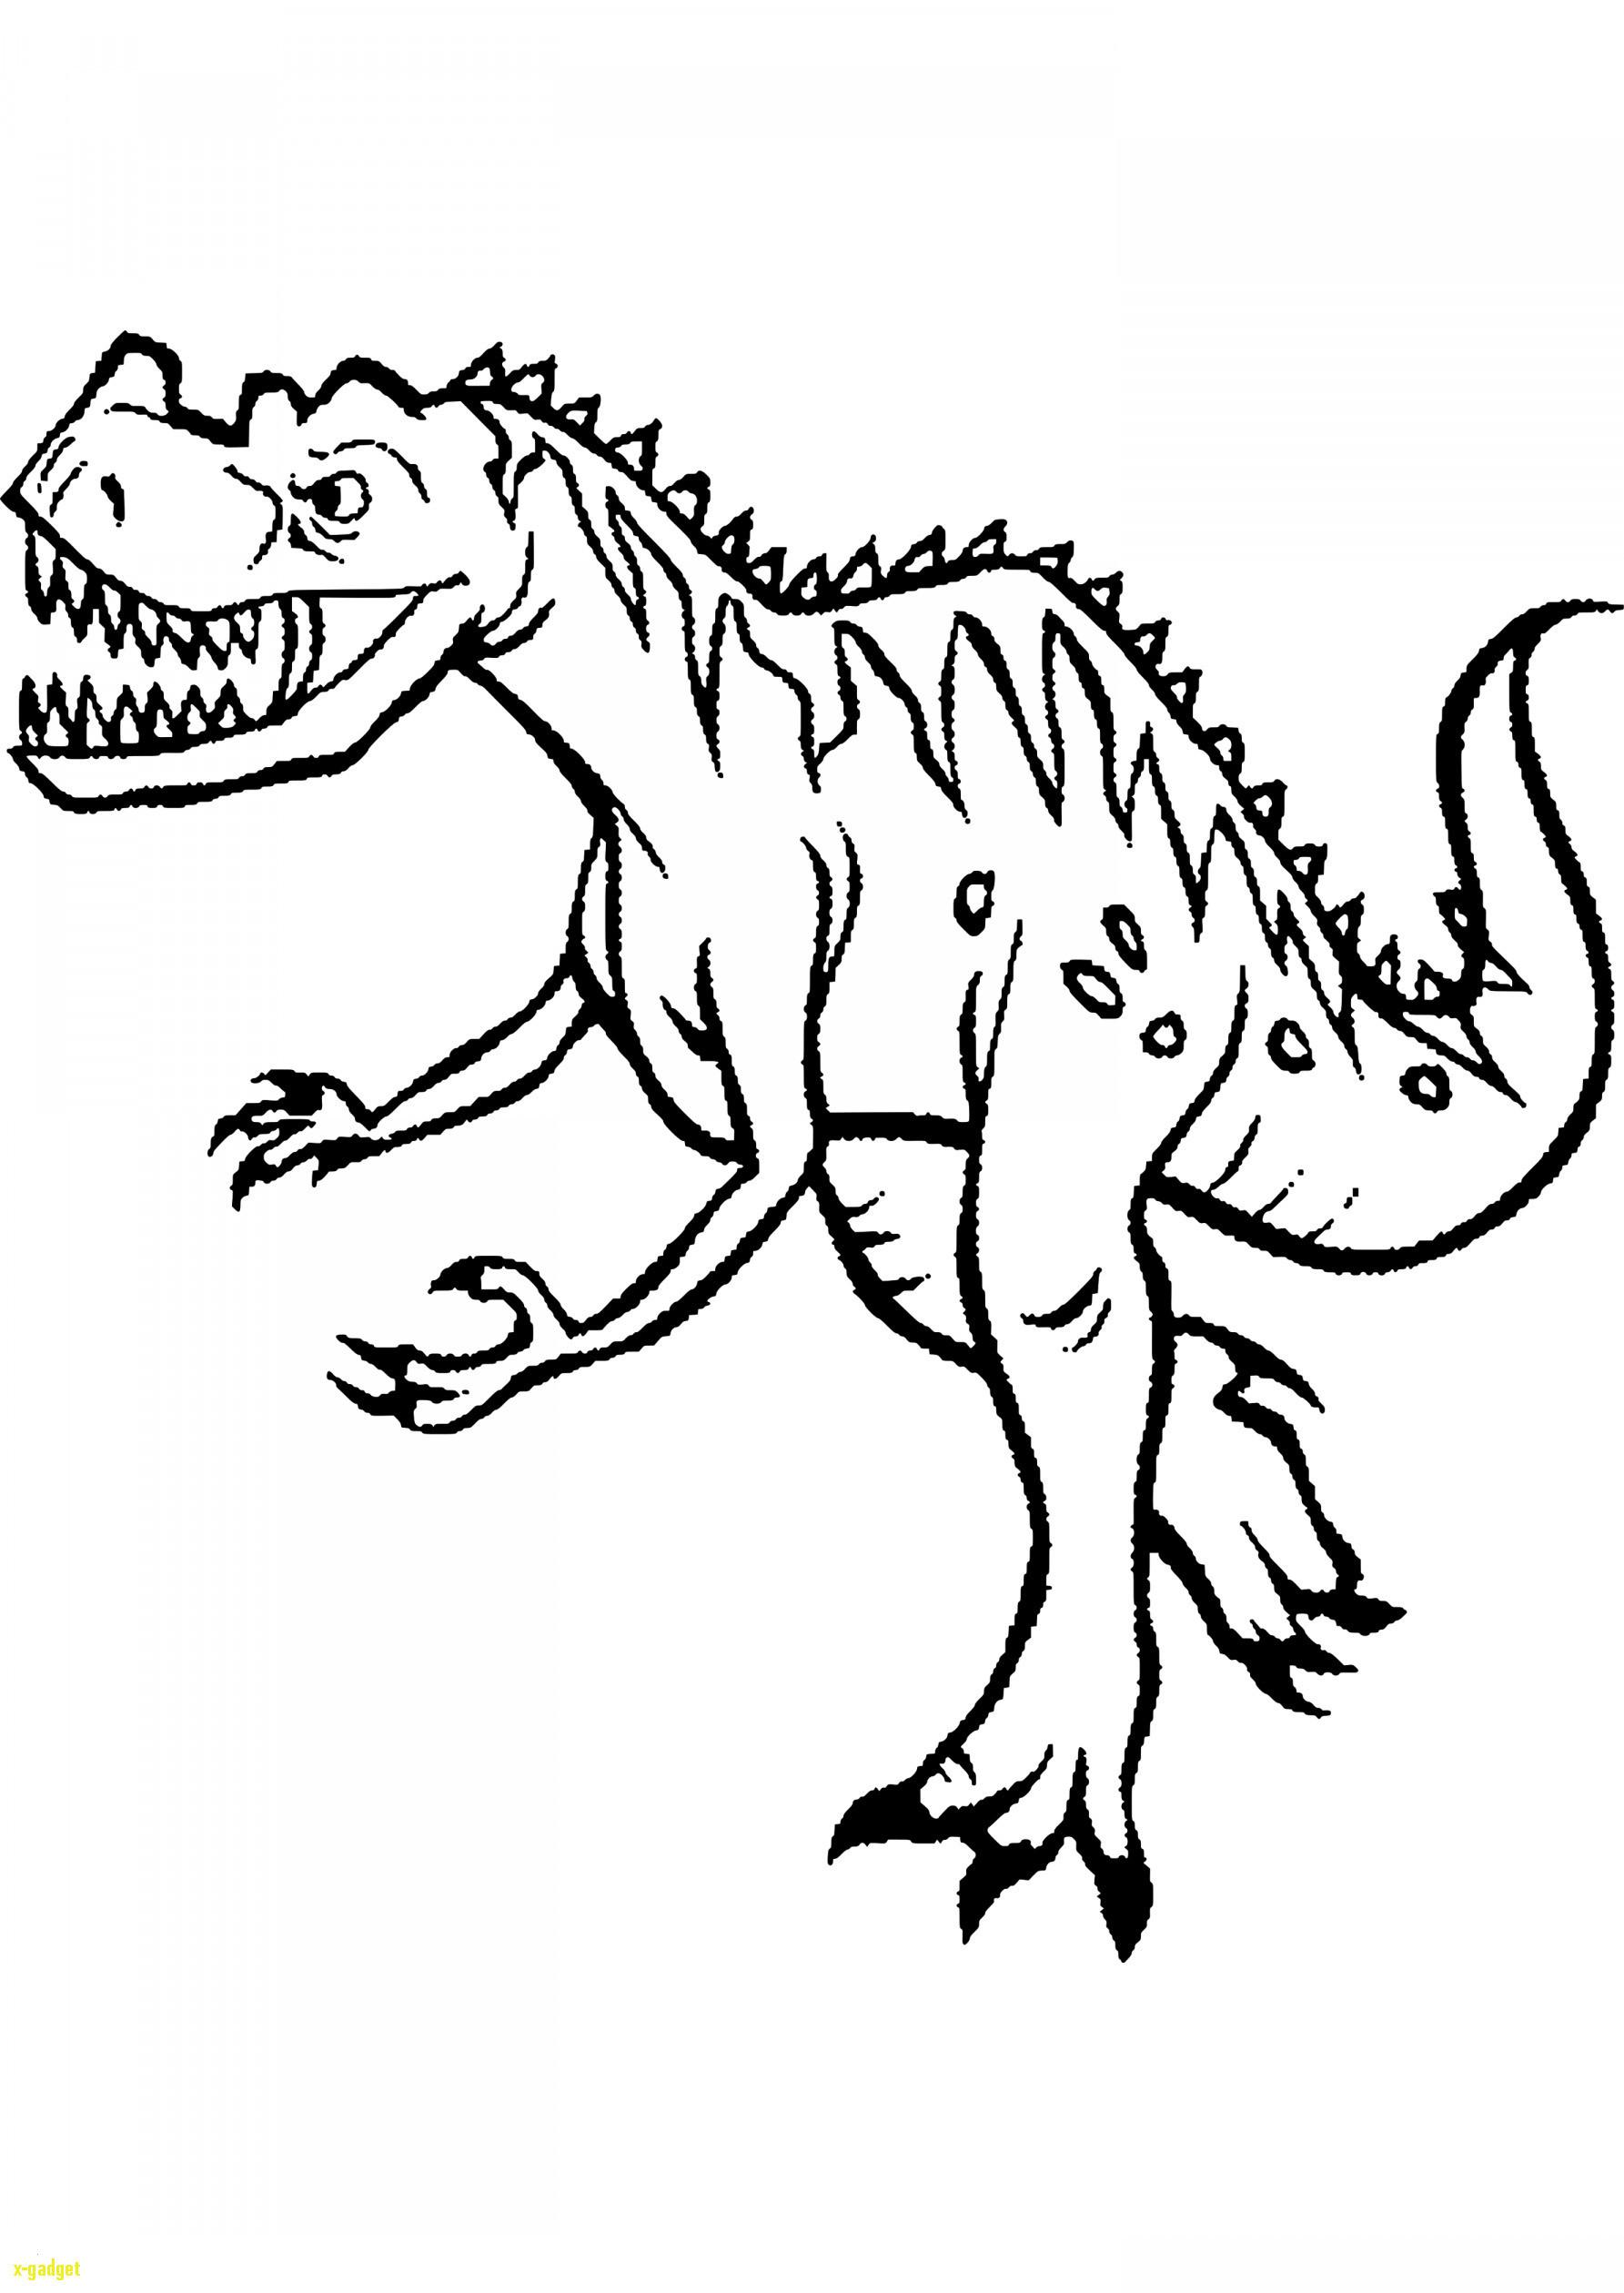 Tyrannosaurus Rex Ausmalbild Das Beste Von 35 T Rex Ausmalbilder Scoredatscore Einzigartig Dinosaurier Rex Fotos